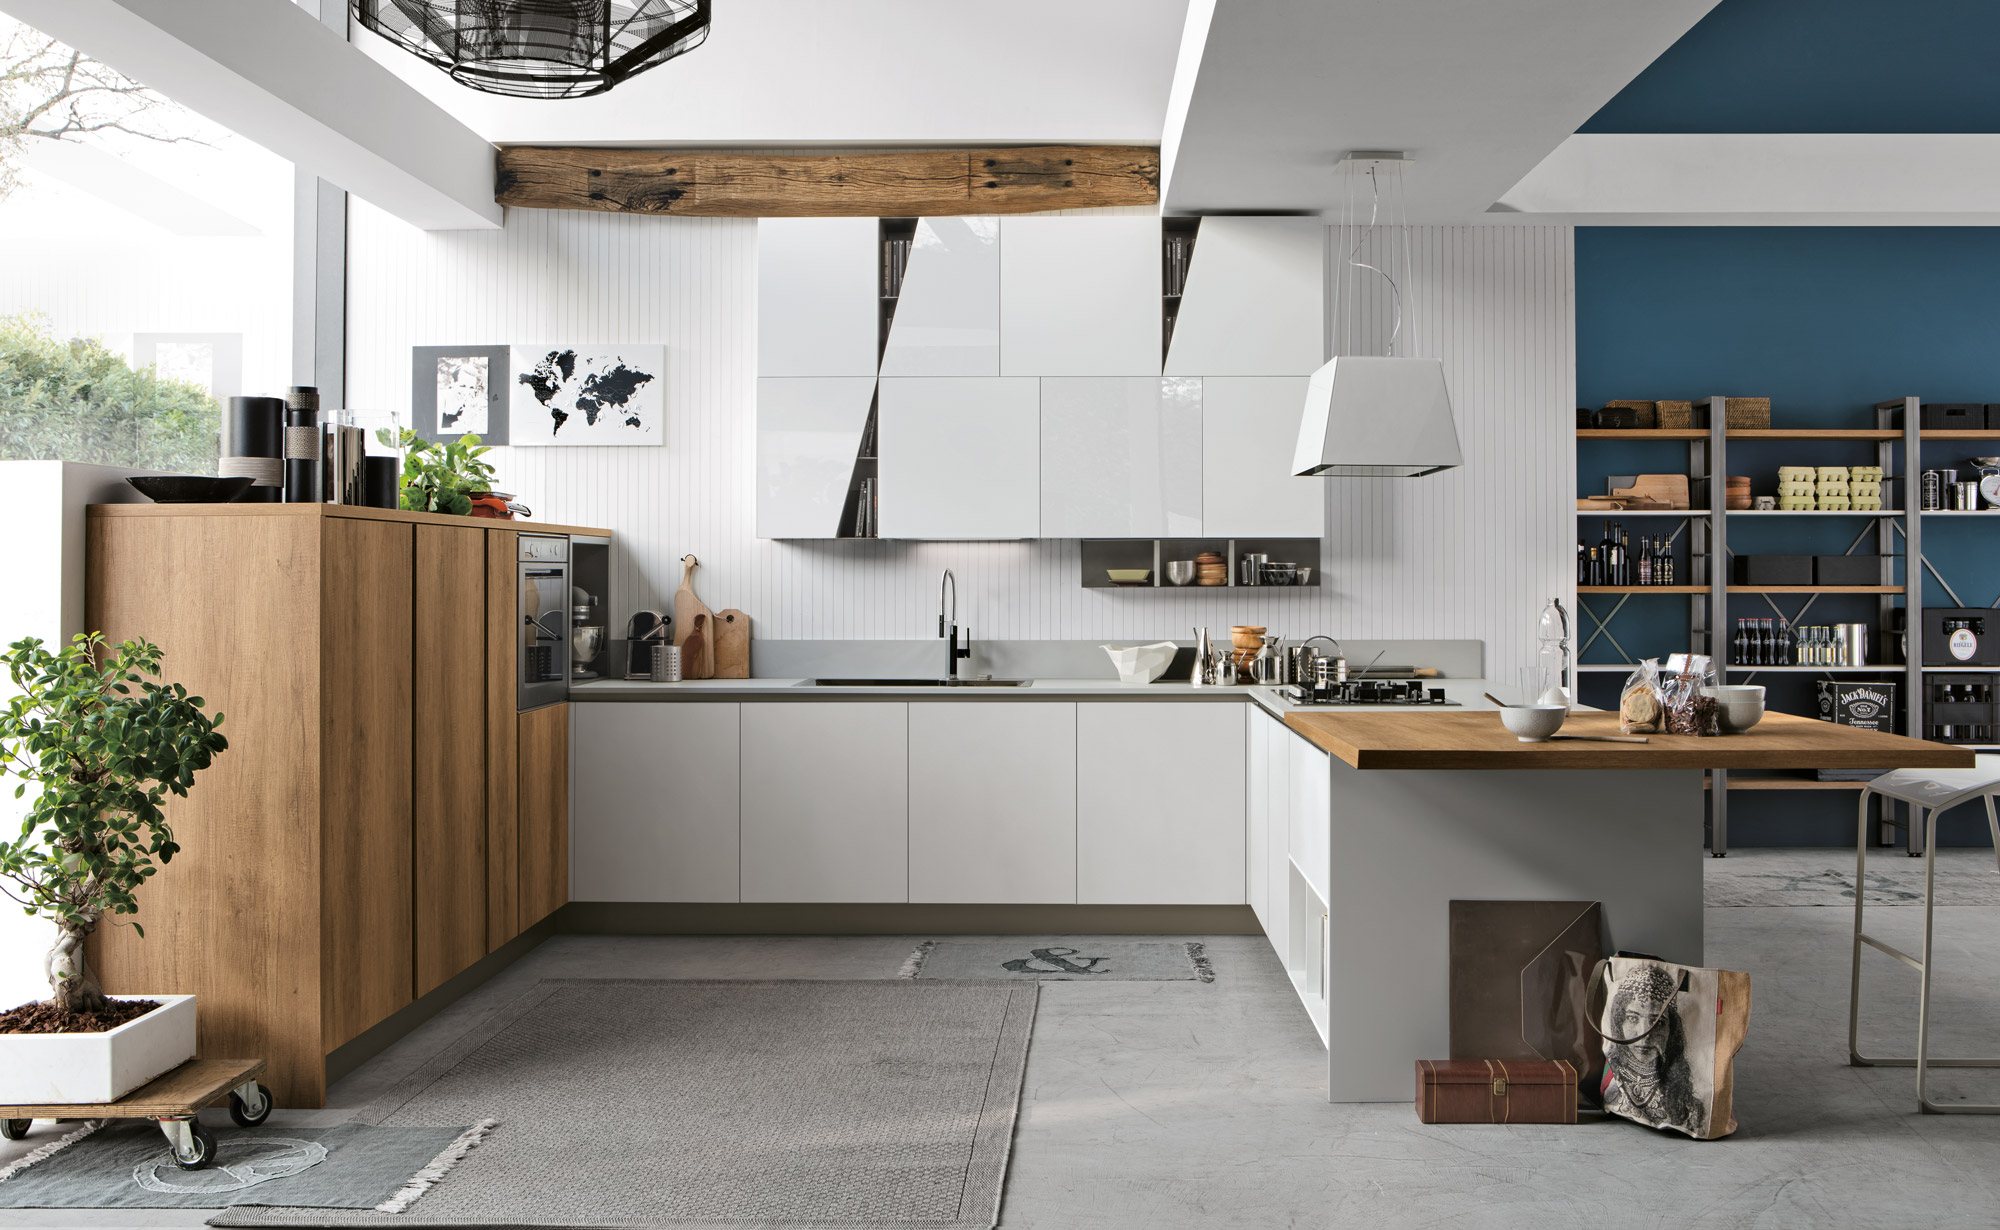 Stili Di Case Moderne.Cucine Moderne Pagina 7 Brennero Case Stili Di Maistri Arreda Srl